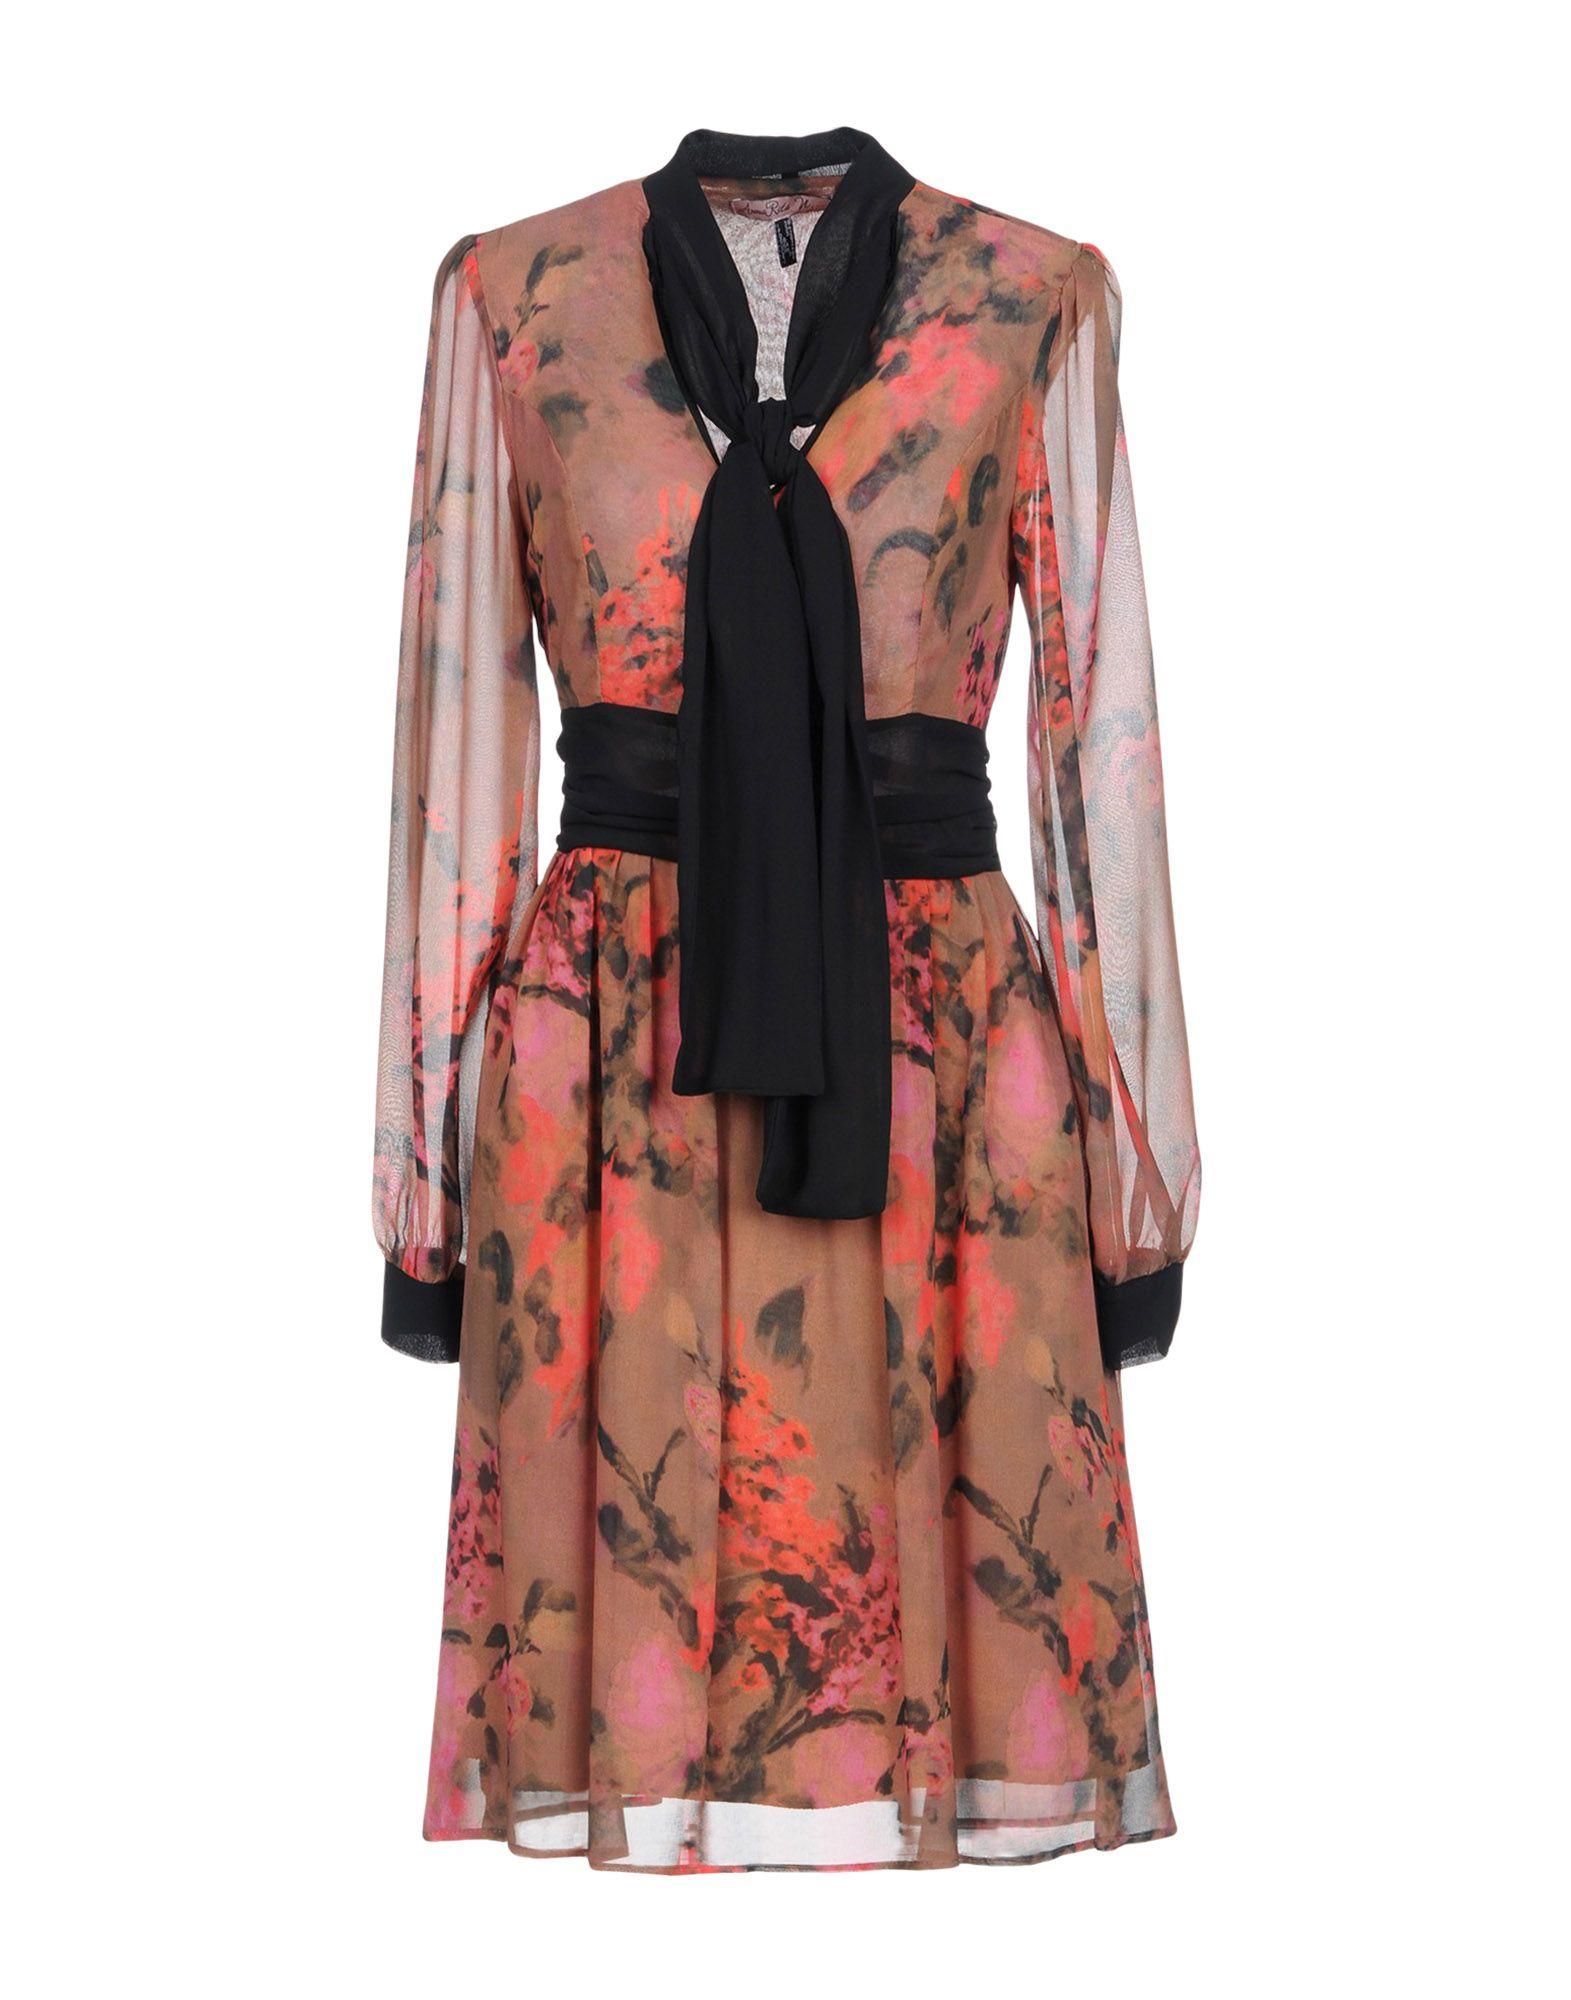 Vestito Corto Annarita N. Donna - Acquista online su baLgY